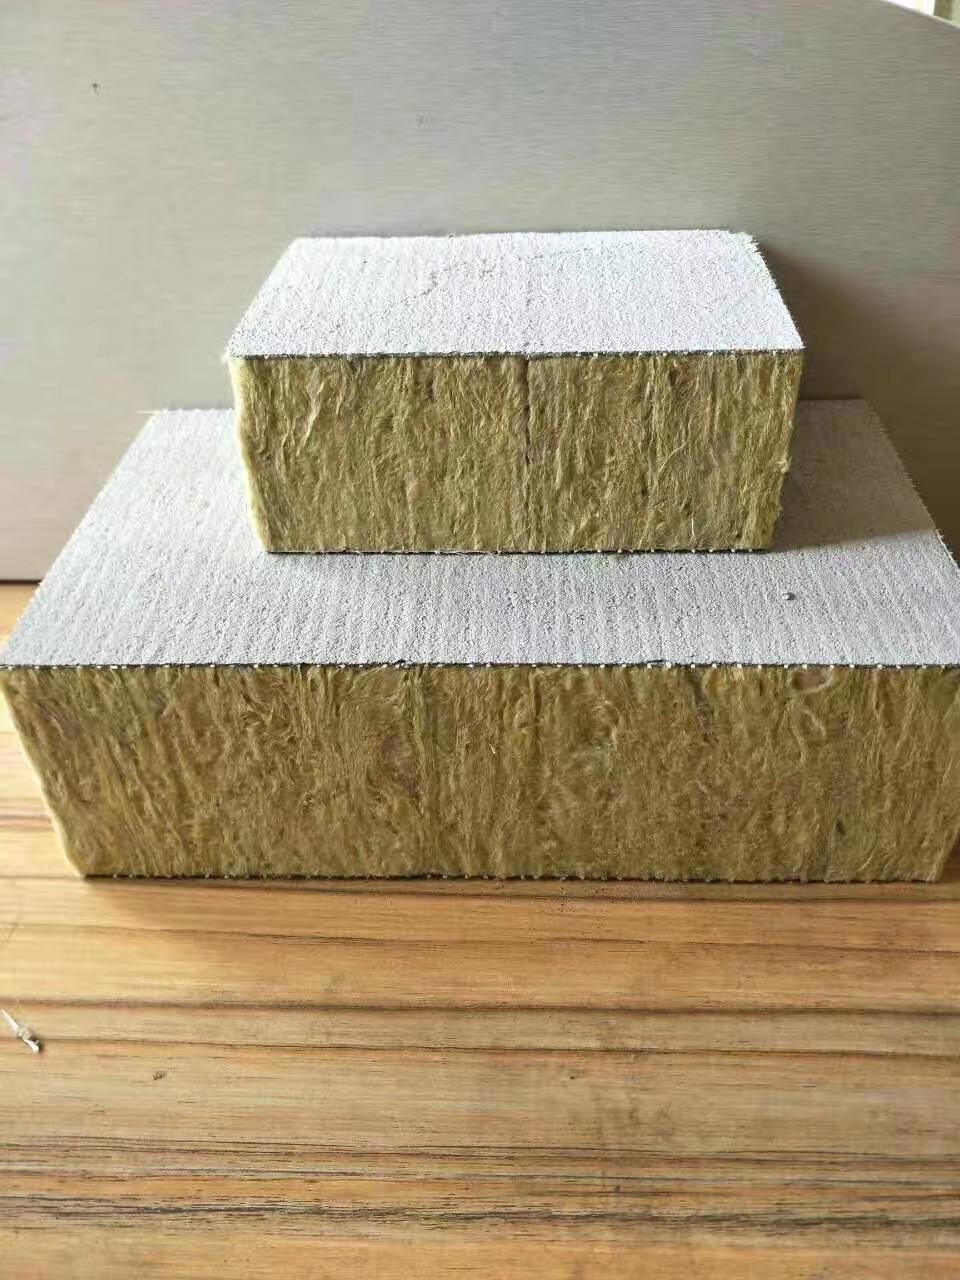 天水砂浆岩棉复合板节能环保